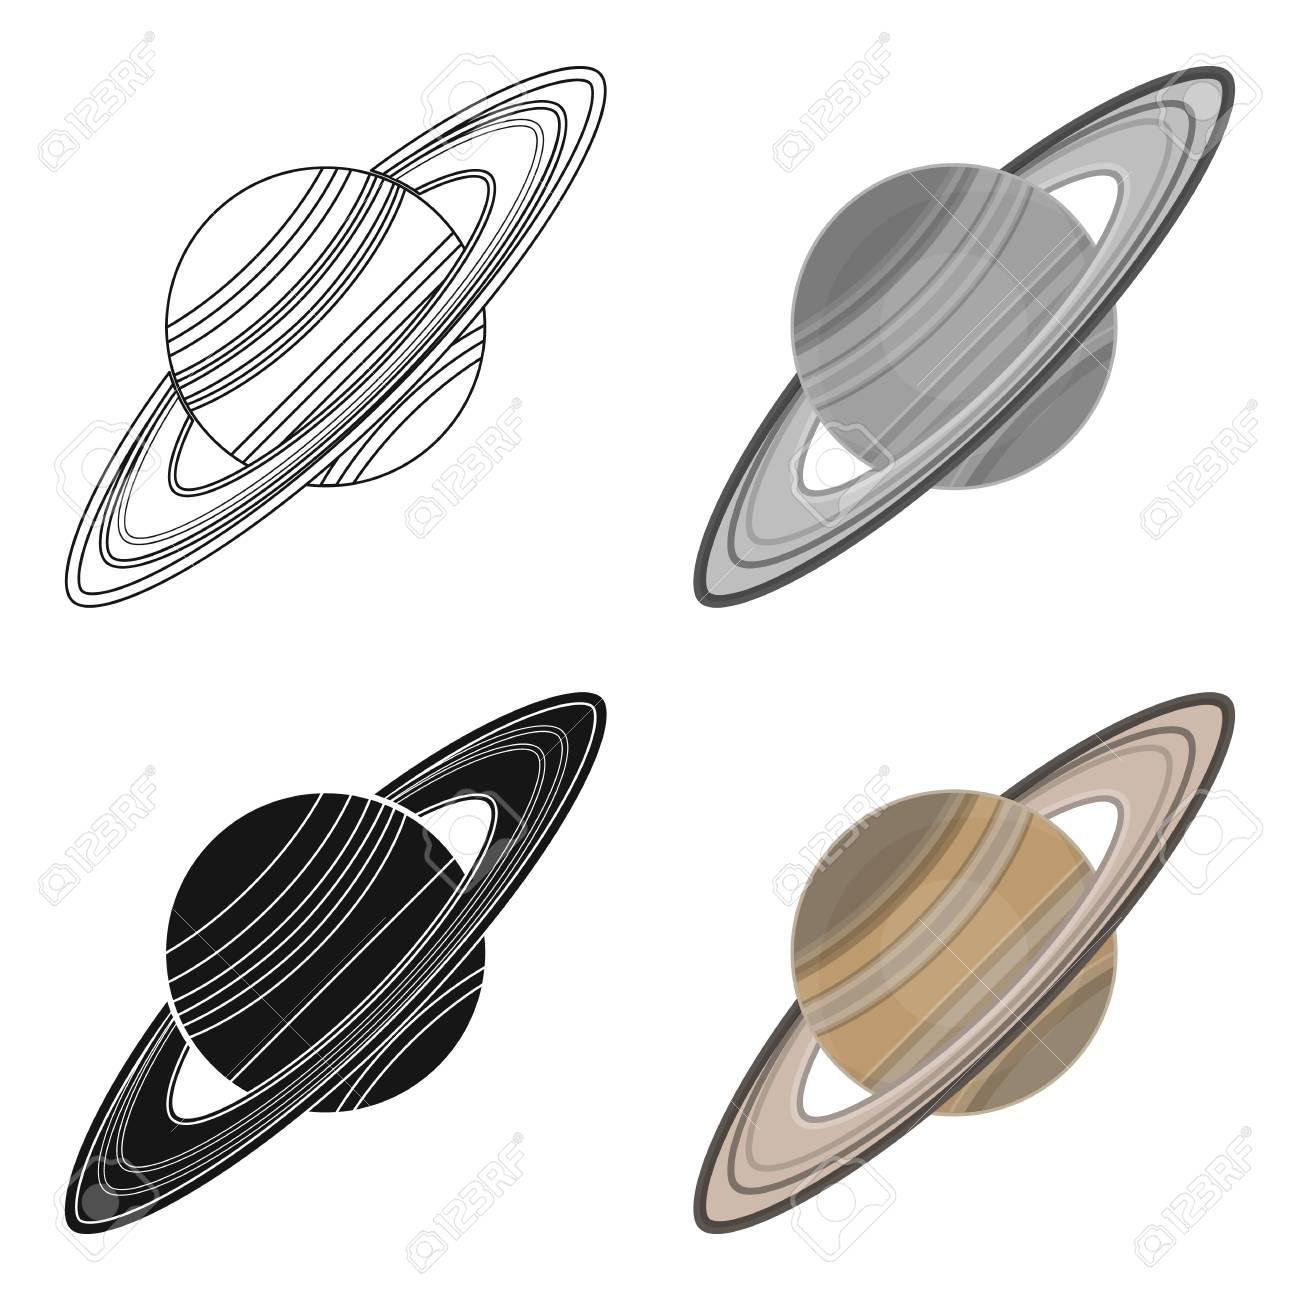 Icône De Saturne En Dessin Animé Isolé Sur Fond Blanc. Planètes Symbole  Illustration Vectorielle Stock. tout Saturne Dessin